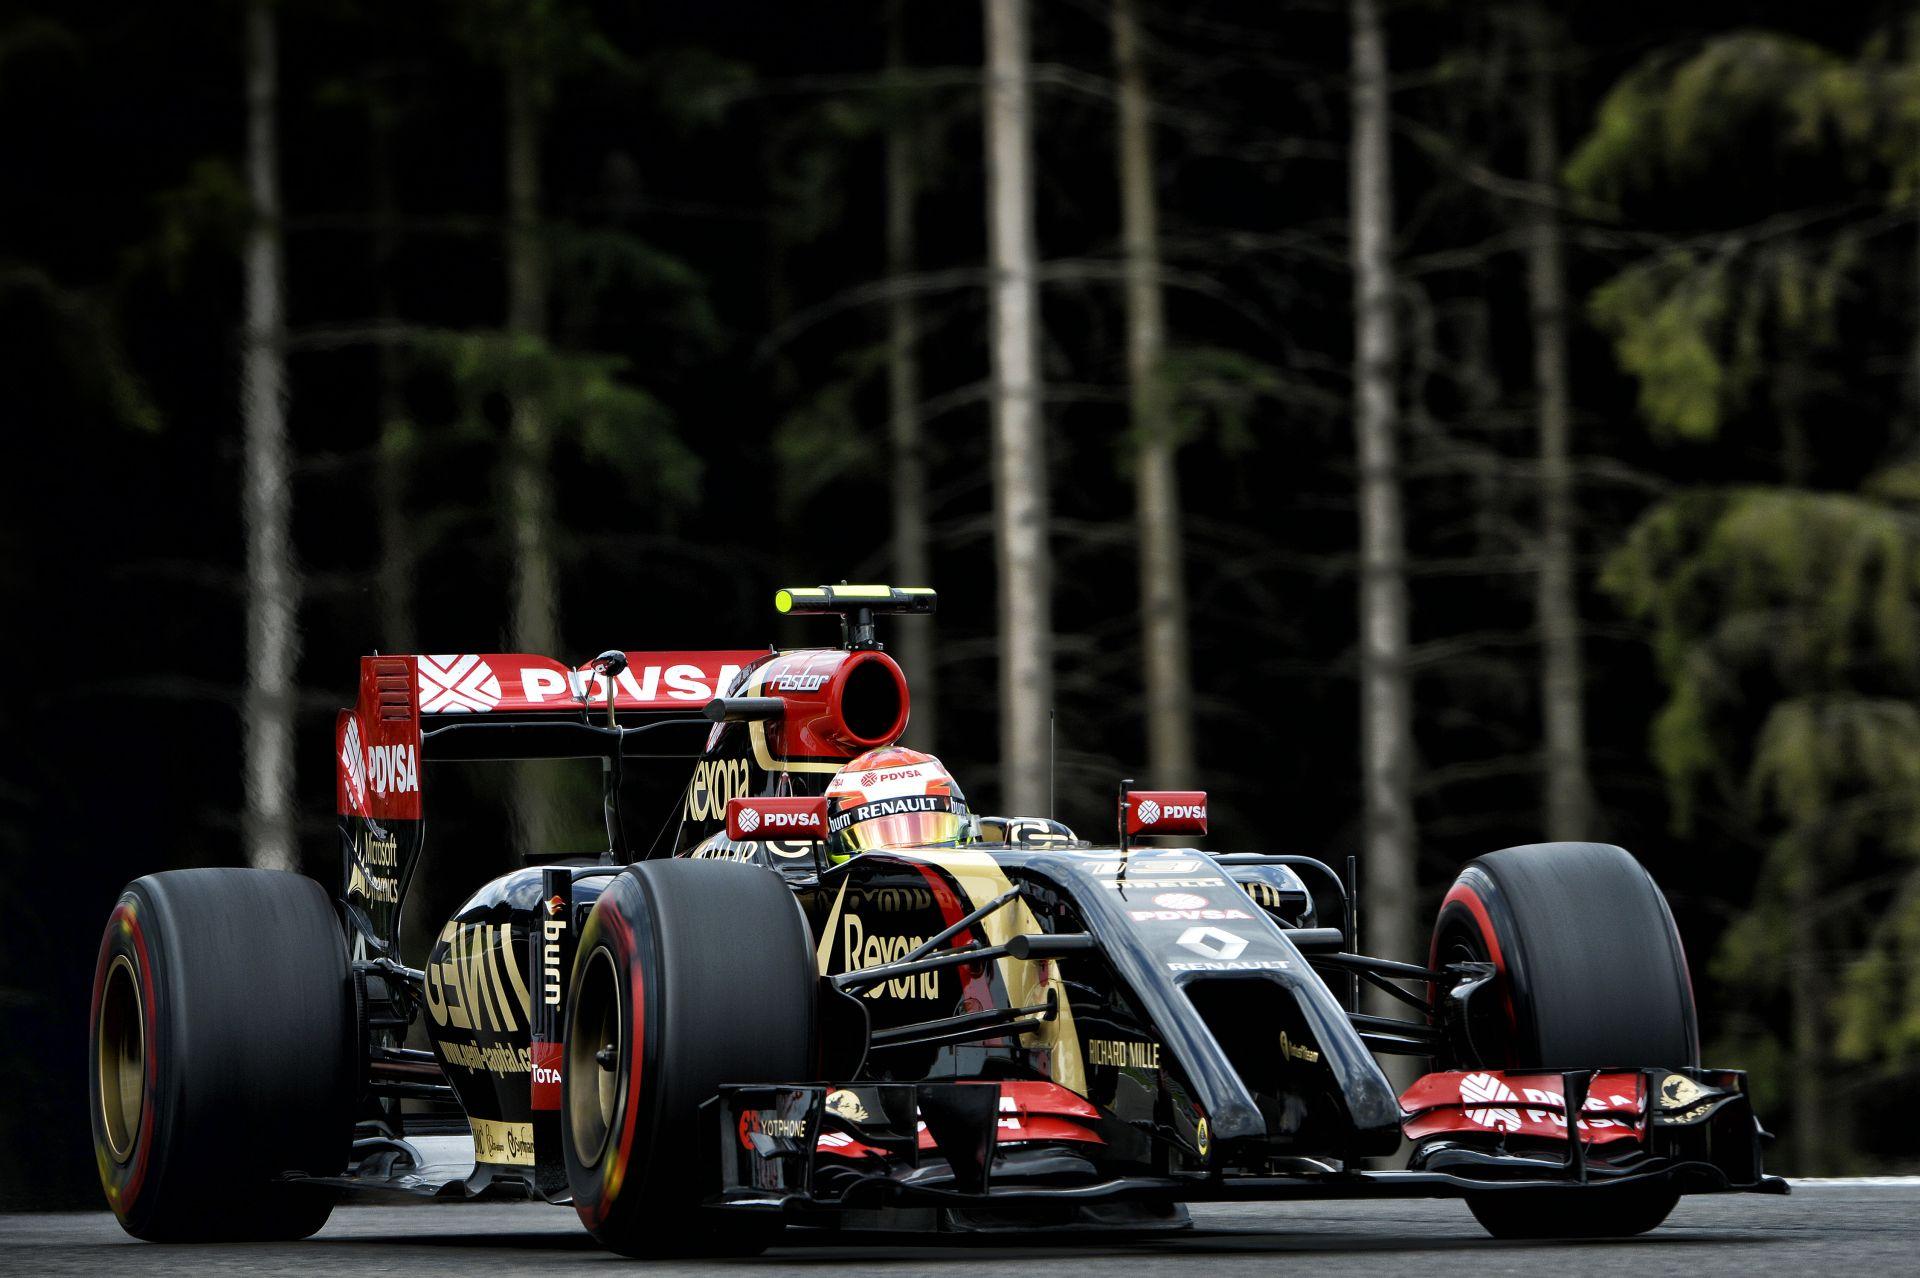 Érkezik a bejelentés? Szakít a Lotus a Renault-val!